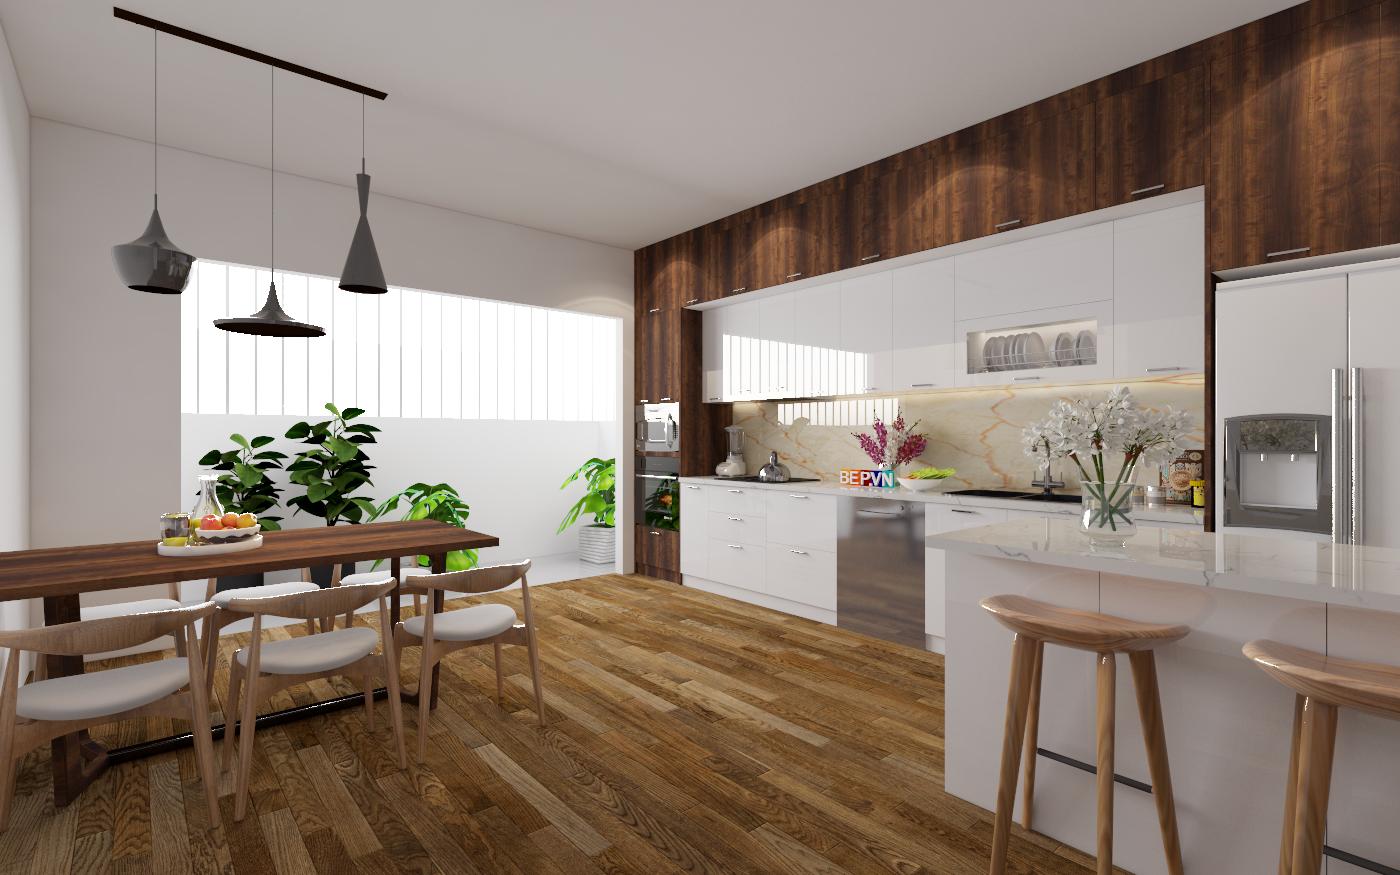 Lưu ý khi lựa chọn lắp đặt và sử dụng sàn gỗ cho nhà bếp